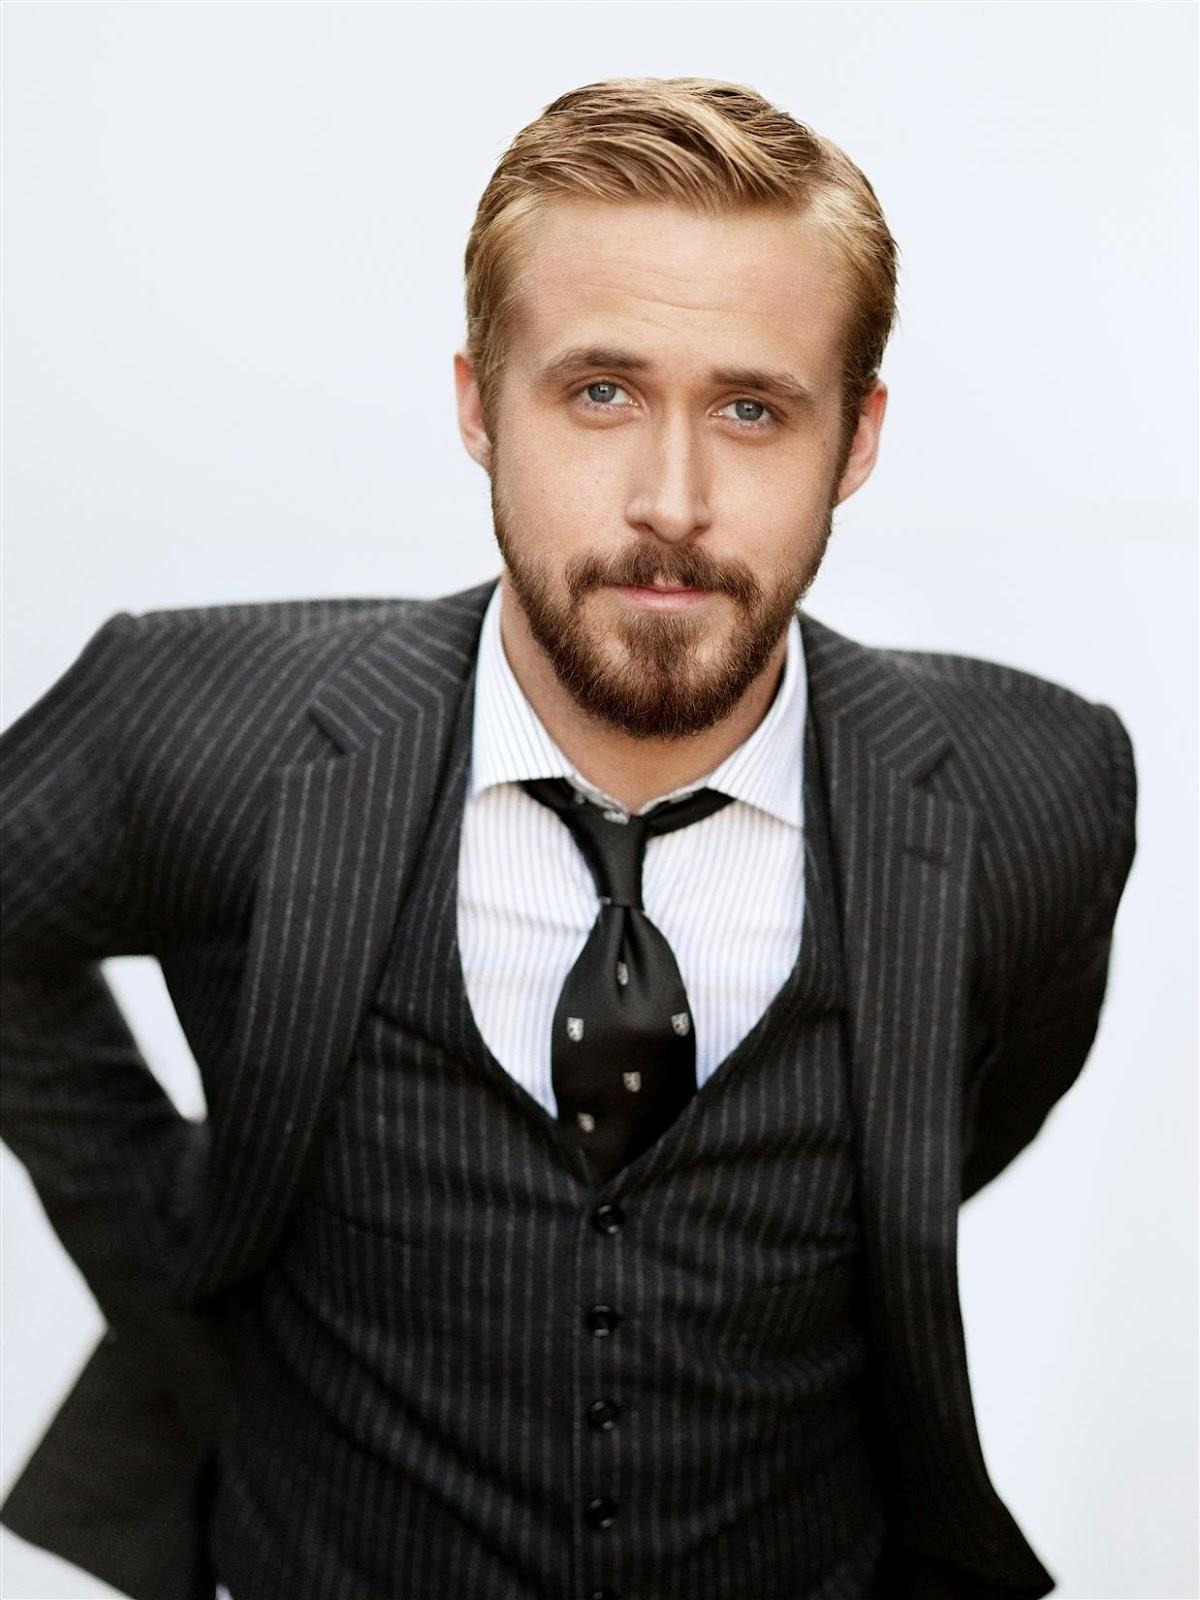 El estilo de Ryan Gosling